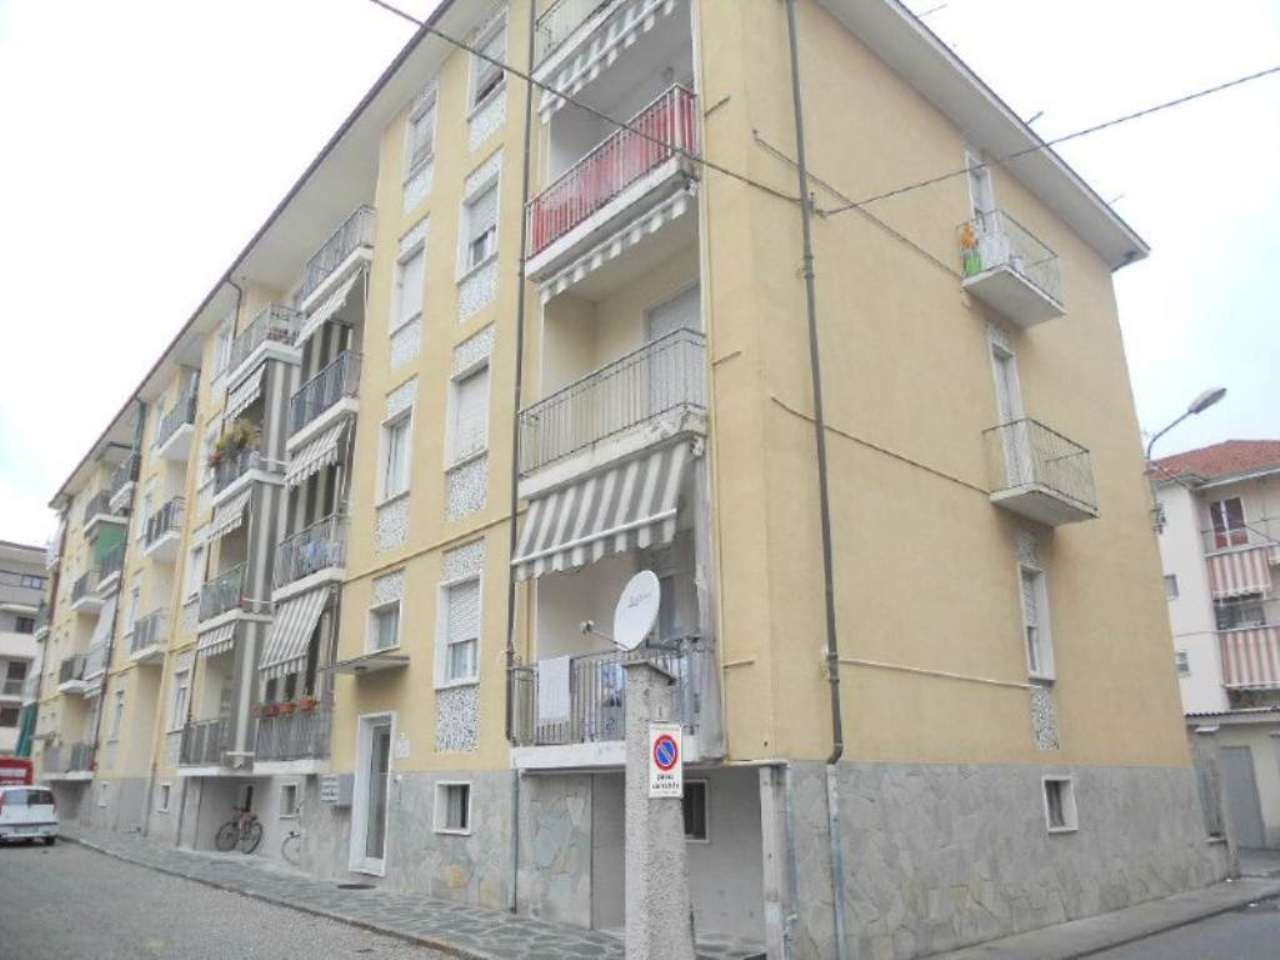 Appartamento in vendita a Savigliano, 2 locali, prezzo € 65.000   CambioCasa.it